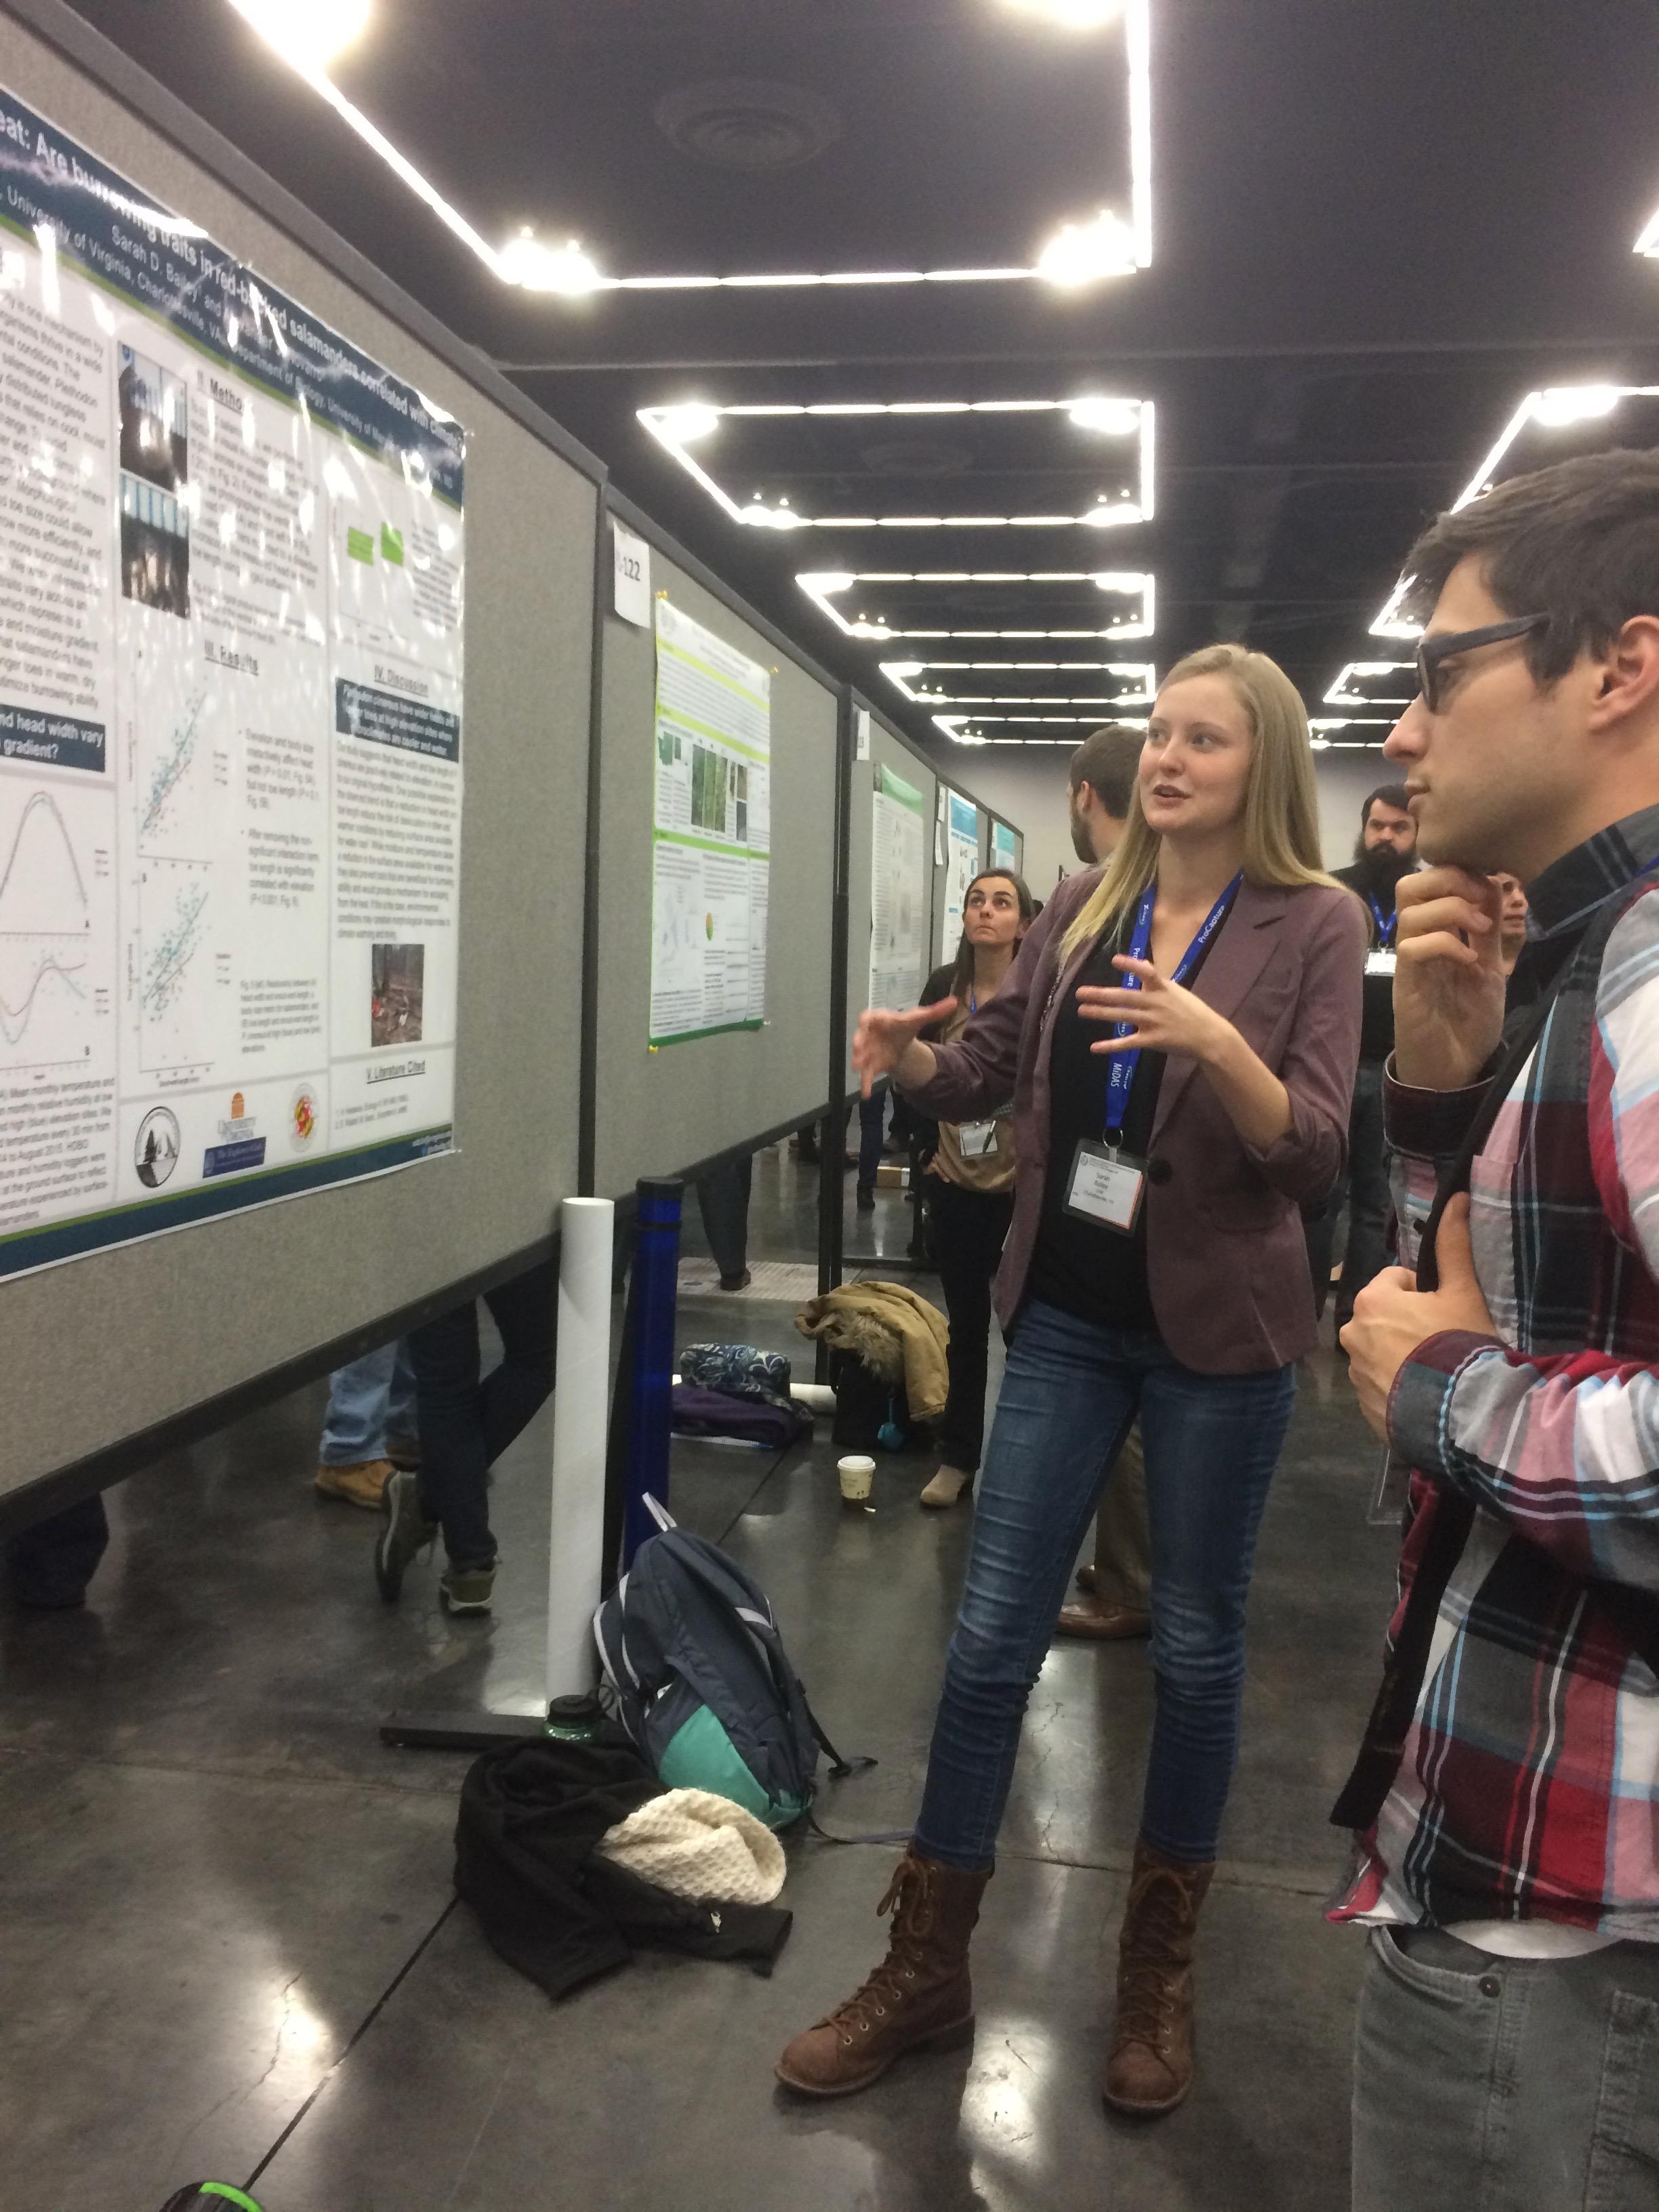 Sarah presenting her research at SICB